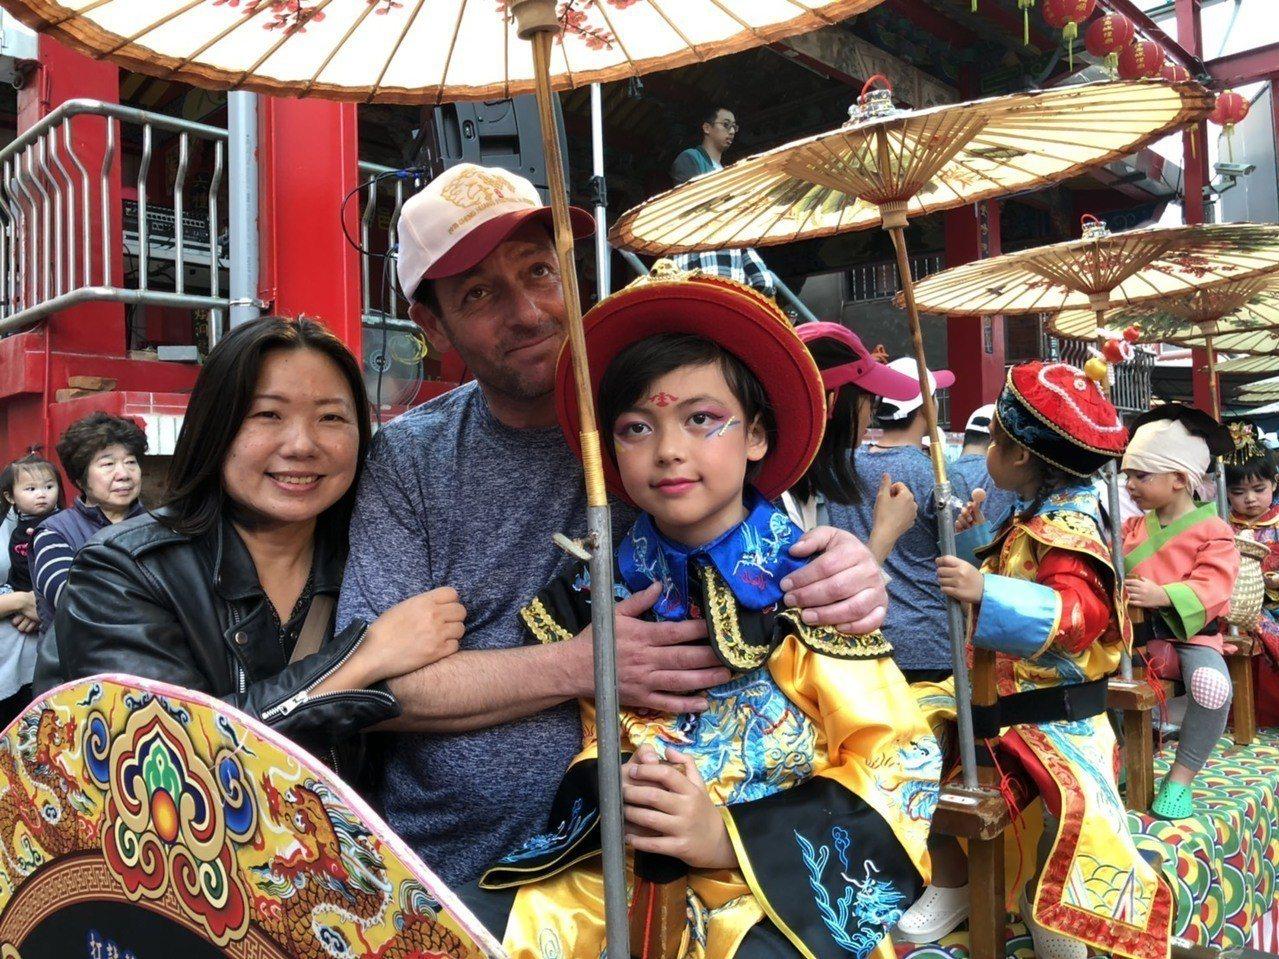 來自法國的謝東亮(中),去年與台籍妻子謝靜琪(左)及台法混血的兒子謝淳光(右)一...